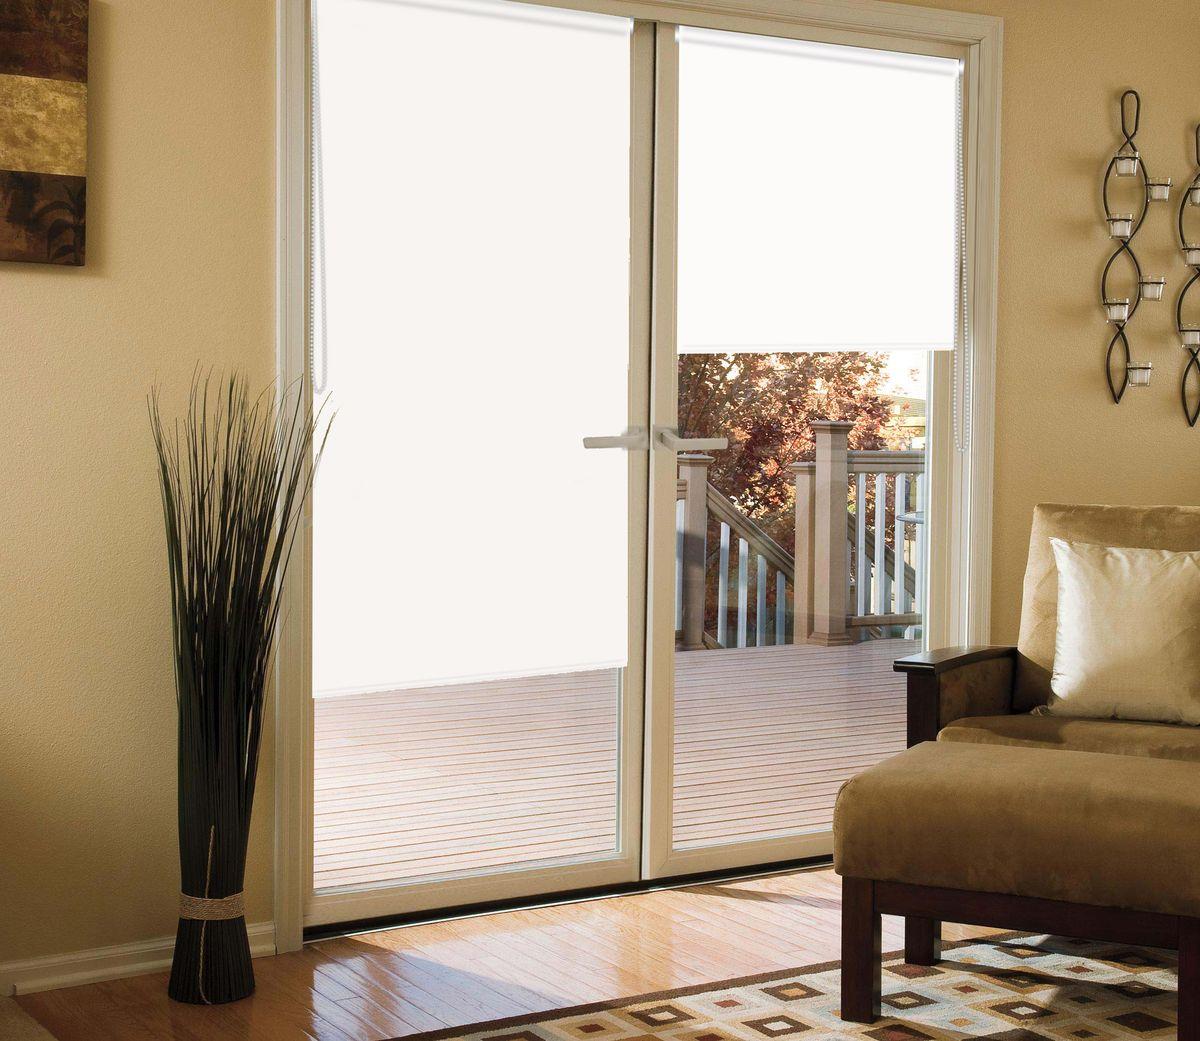 Штора рулонная для балконной двери Эскар Миниролло. Blackout, светоотражающая, цвет: белый, ширина 52 см, высота 215 см39008052215Рулонная светоотражающая штора Эскар Миниролло. Blackout выполнена из высокопрочной ткани, не пропускающей солнечный свет. Такие шторы изготовляются из полностью светонепроницаемого материала blackout. Это свойство обеспечивается структурой ткани и специальными вплетенными нитями, удерживающими проникновение света. - Используются в кинотеатрах, фотолабораториях, детских комнатах и других помещениях, где необходимо абсолютное затемнение; - Удобны в уходе и эксплуатации. Миниролло - это подвид рулонных штор, который закрывает не весь оконный проем, а непосредственно само стекло. Такие шторы крепятся на раму без сверления при помощи зажимов или клейкой двухсторонней ленты. Окно остается на гарантии, благодаря монтажу без сверления.